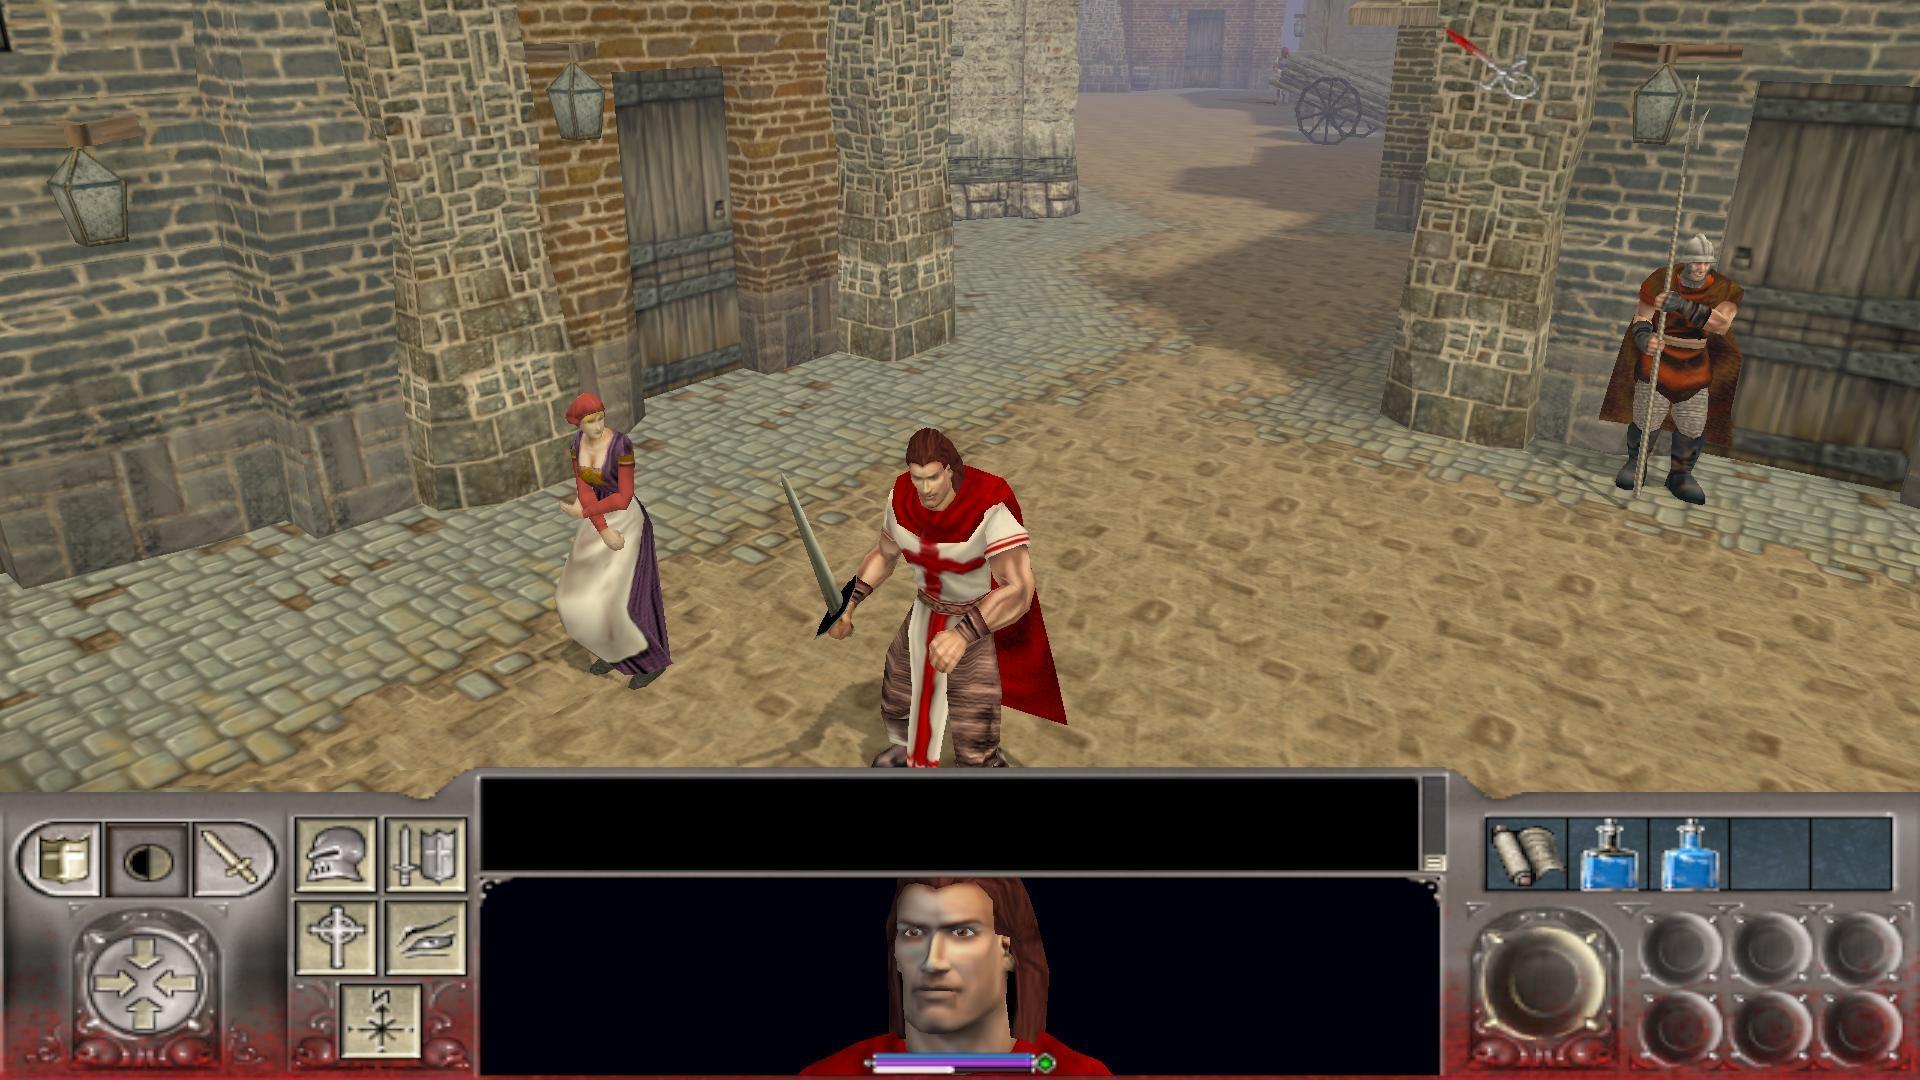 Ролевая игра по vampire the онлайн ролевая бесплатная онлайн игра